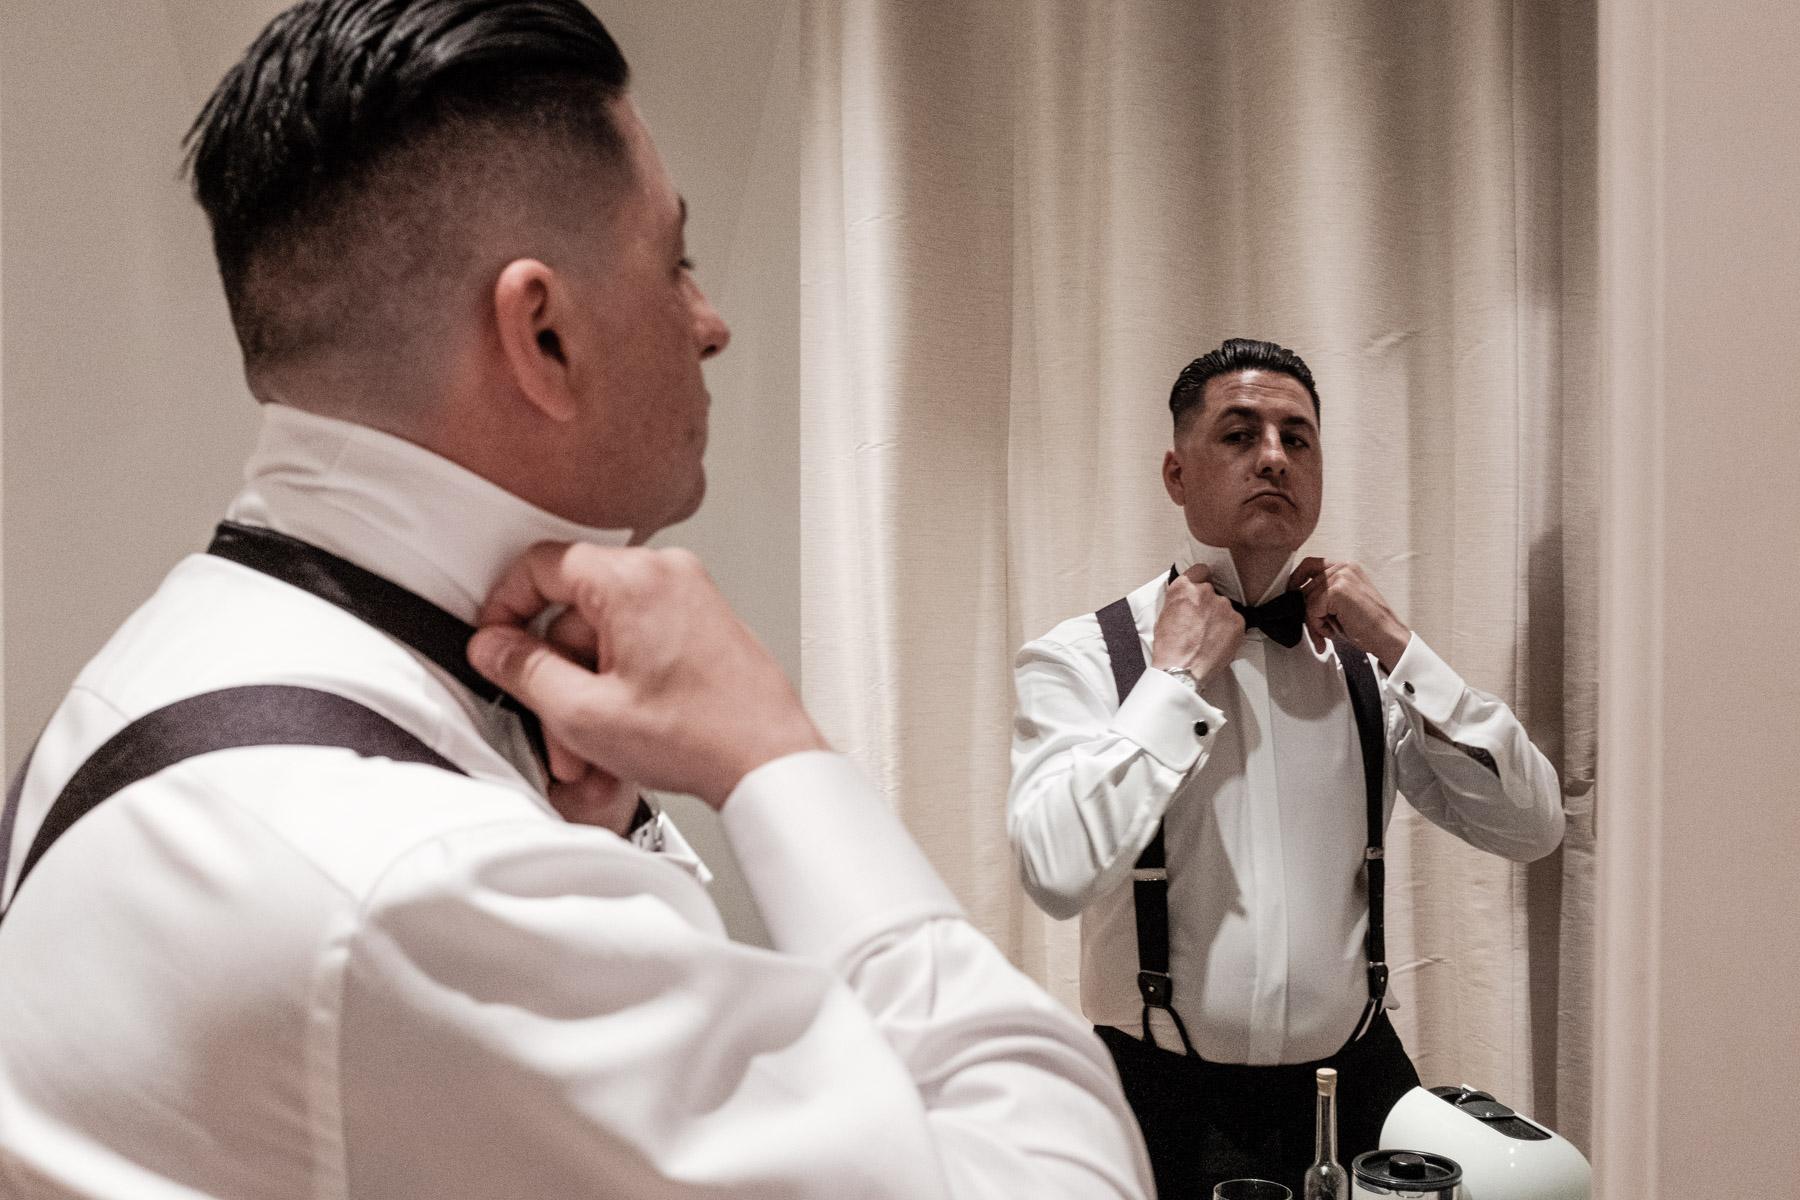 MartinLiebl_Kein_Hochzeitsfotograf_No_Wedding_Photographer_Budapest_Gresham_Palace_011.jpg